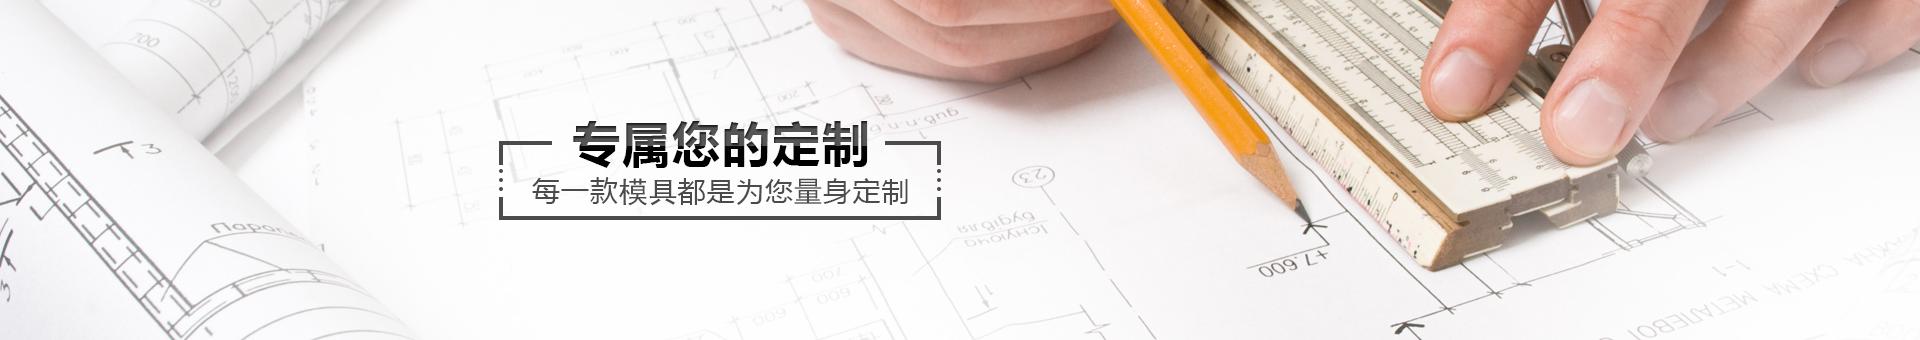 西安注塑模具生产厂